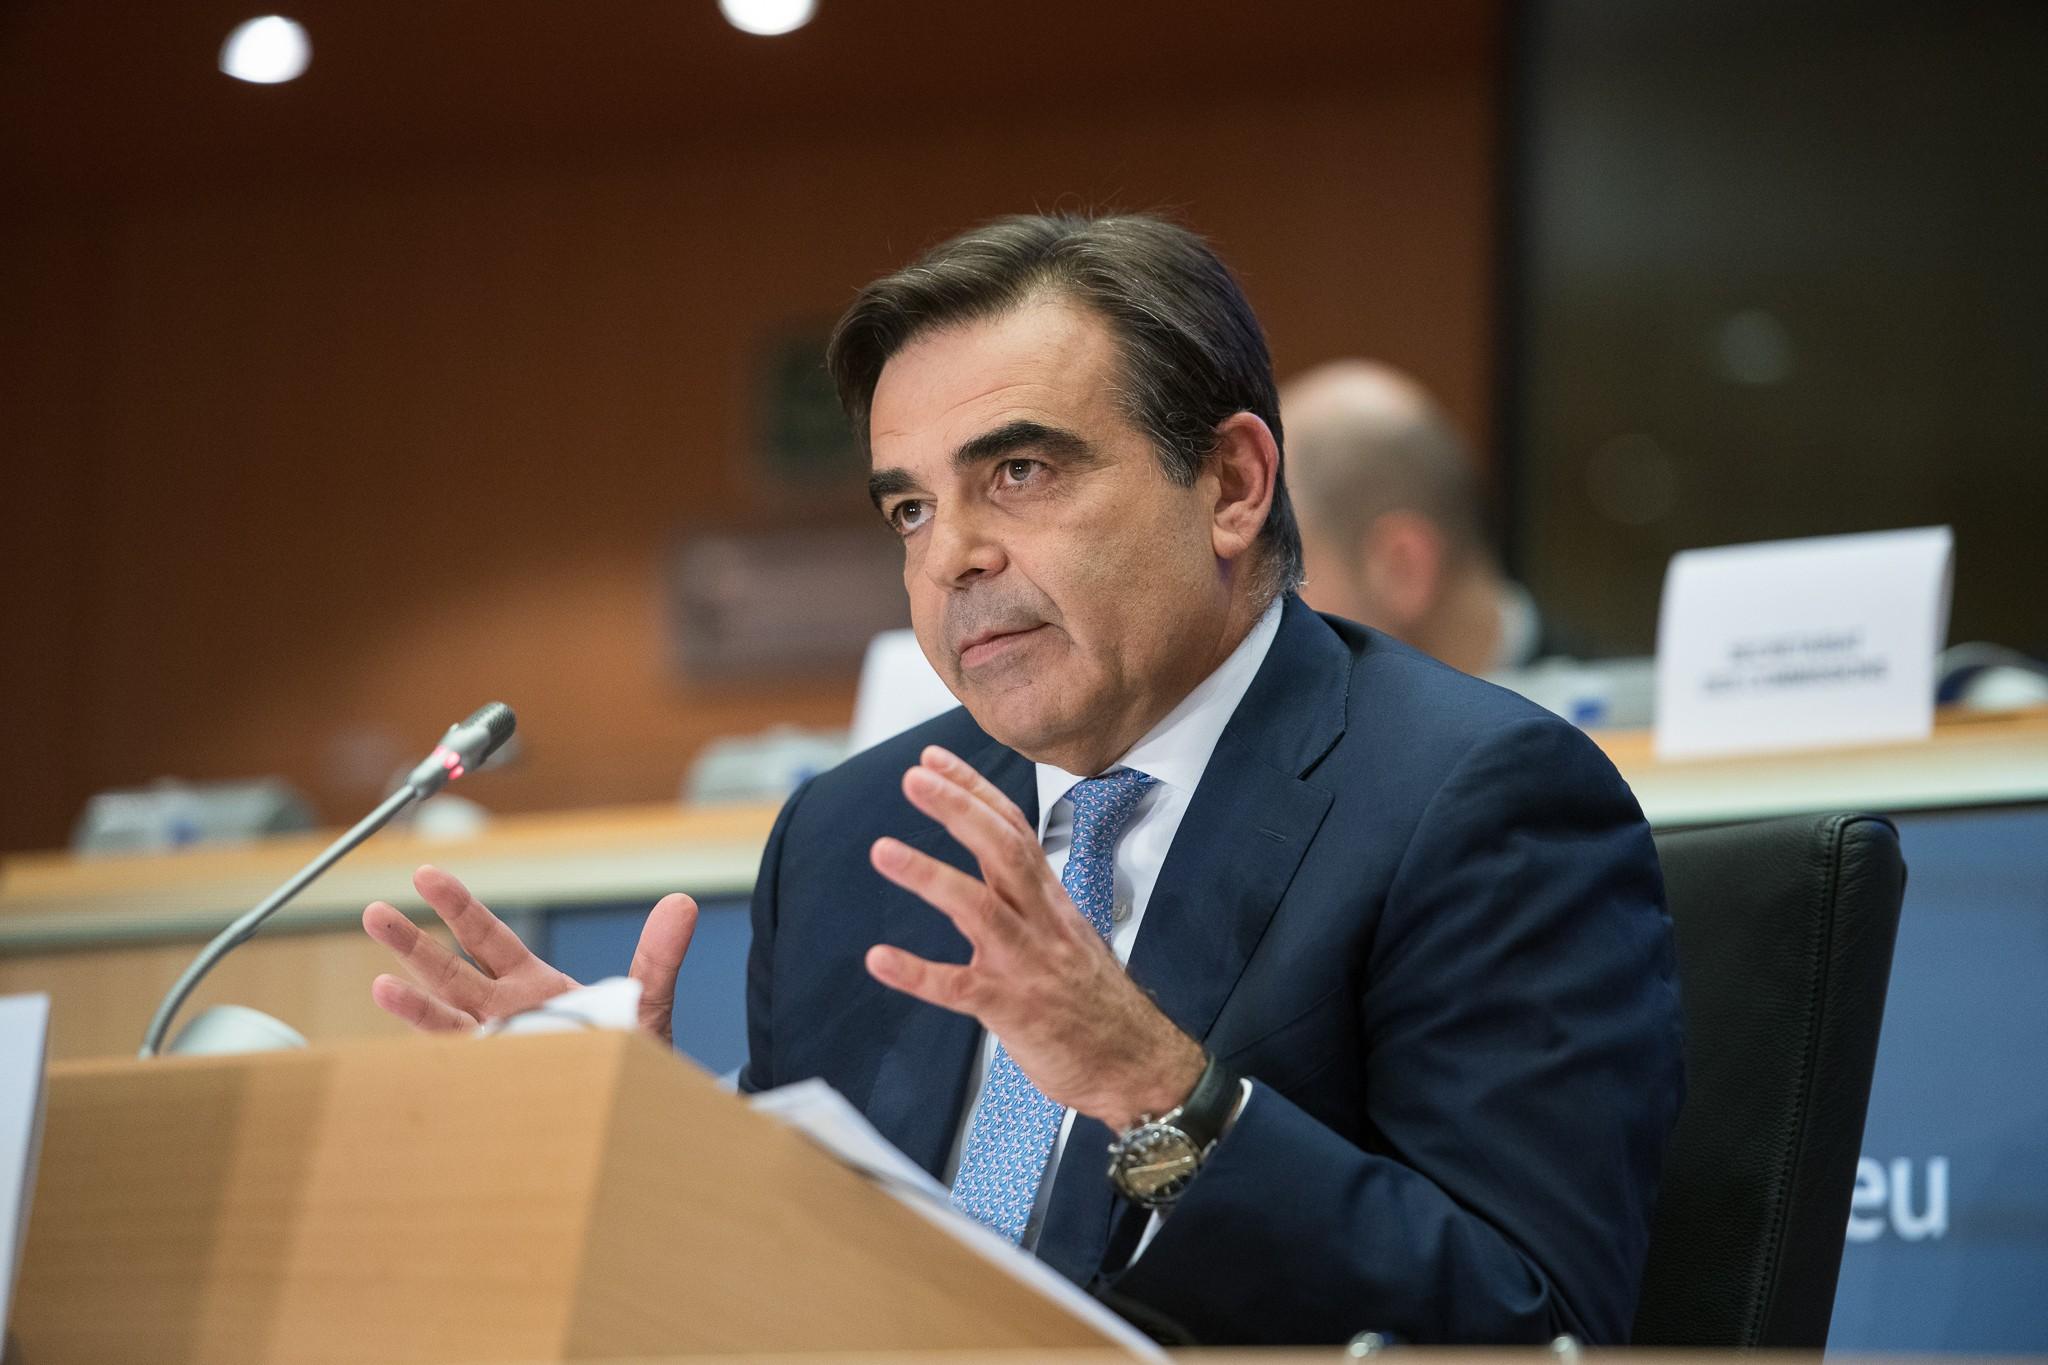 Σχοινάς: Κεφάλαια 1,3 δισ. ευρώ για επενδύσεις στην Κεντρική Μακεδονία